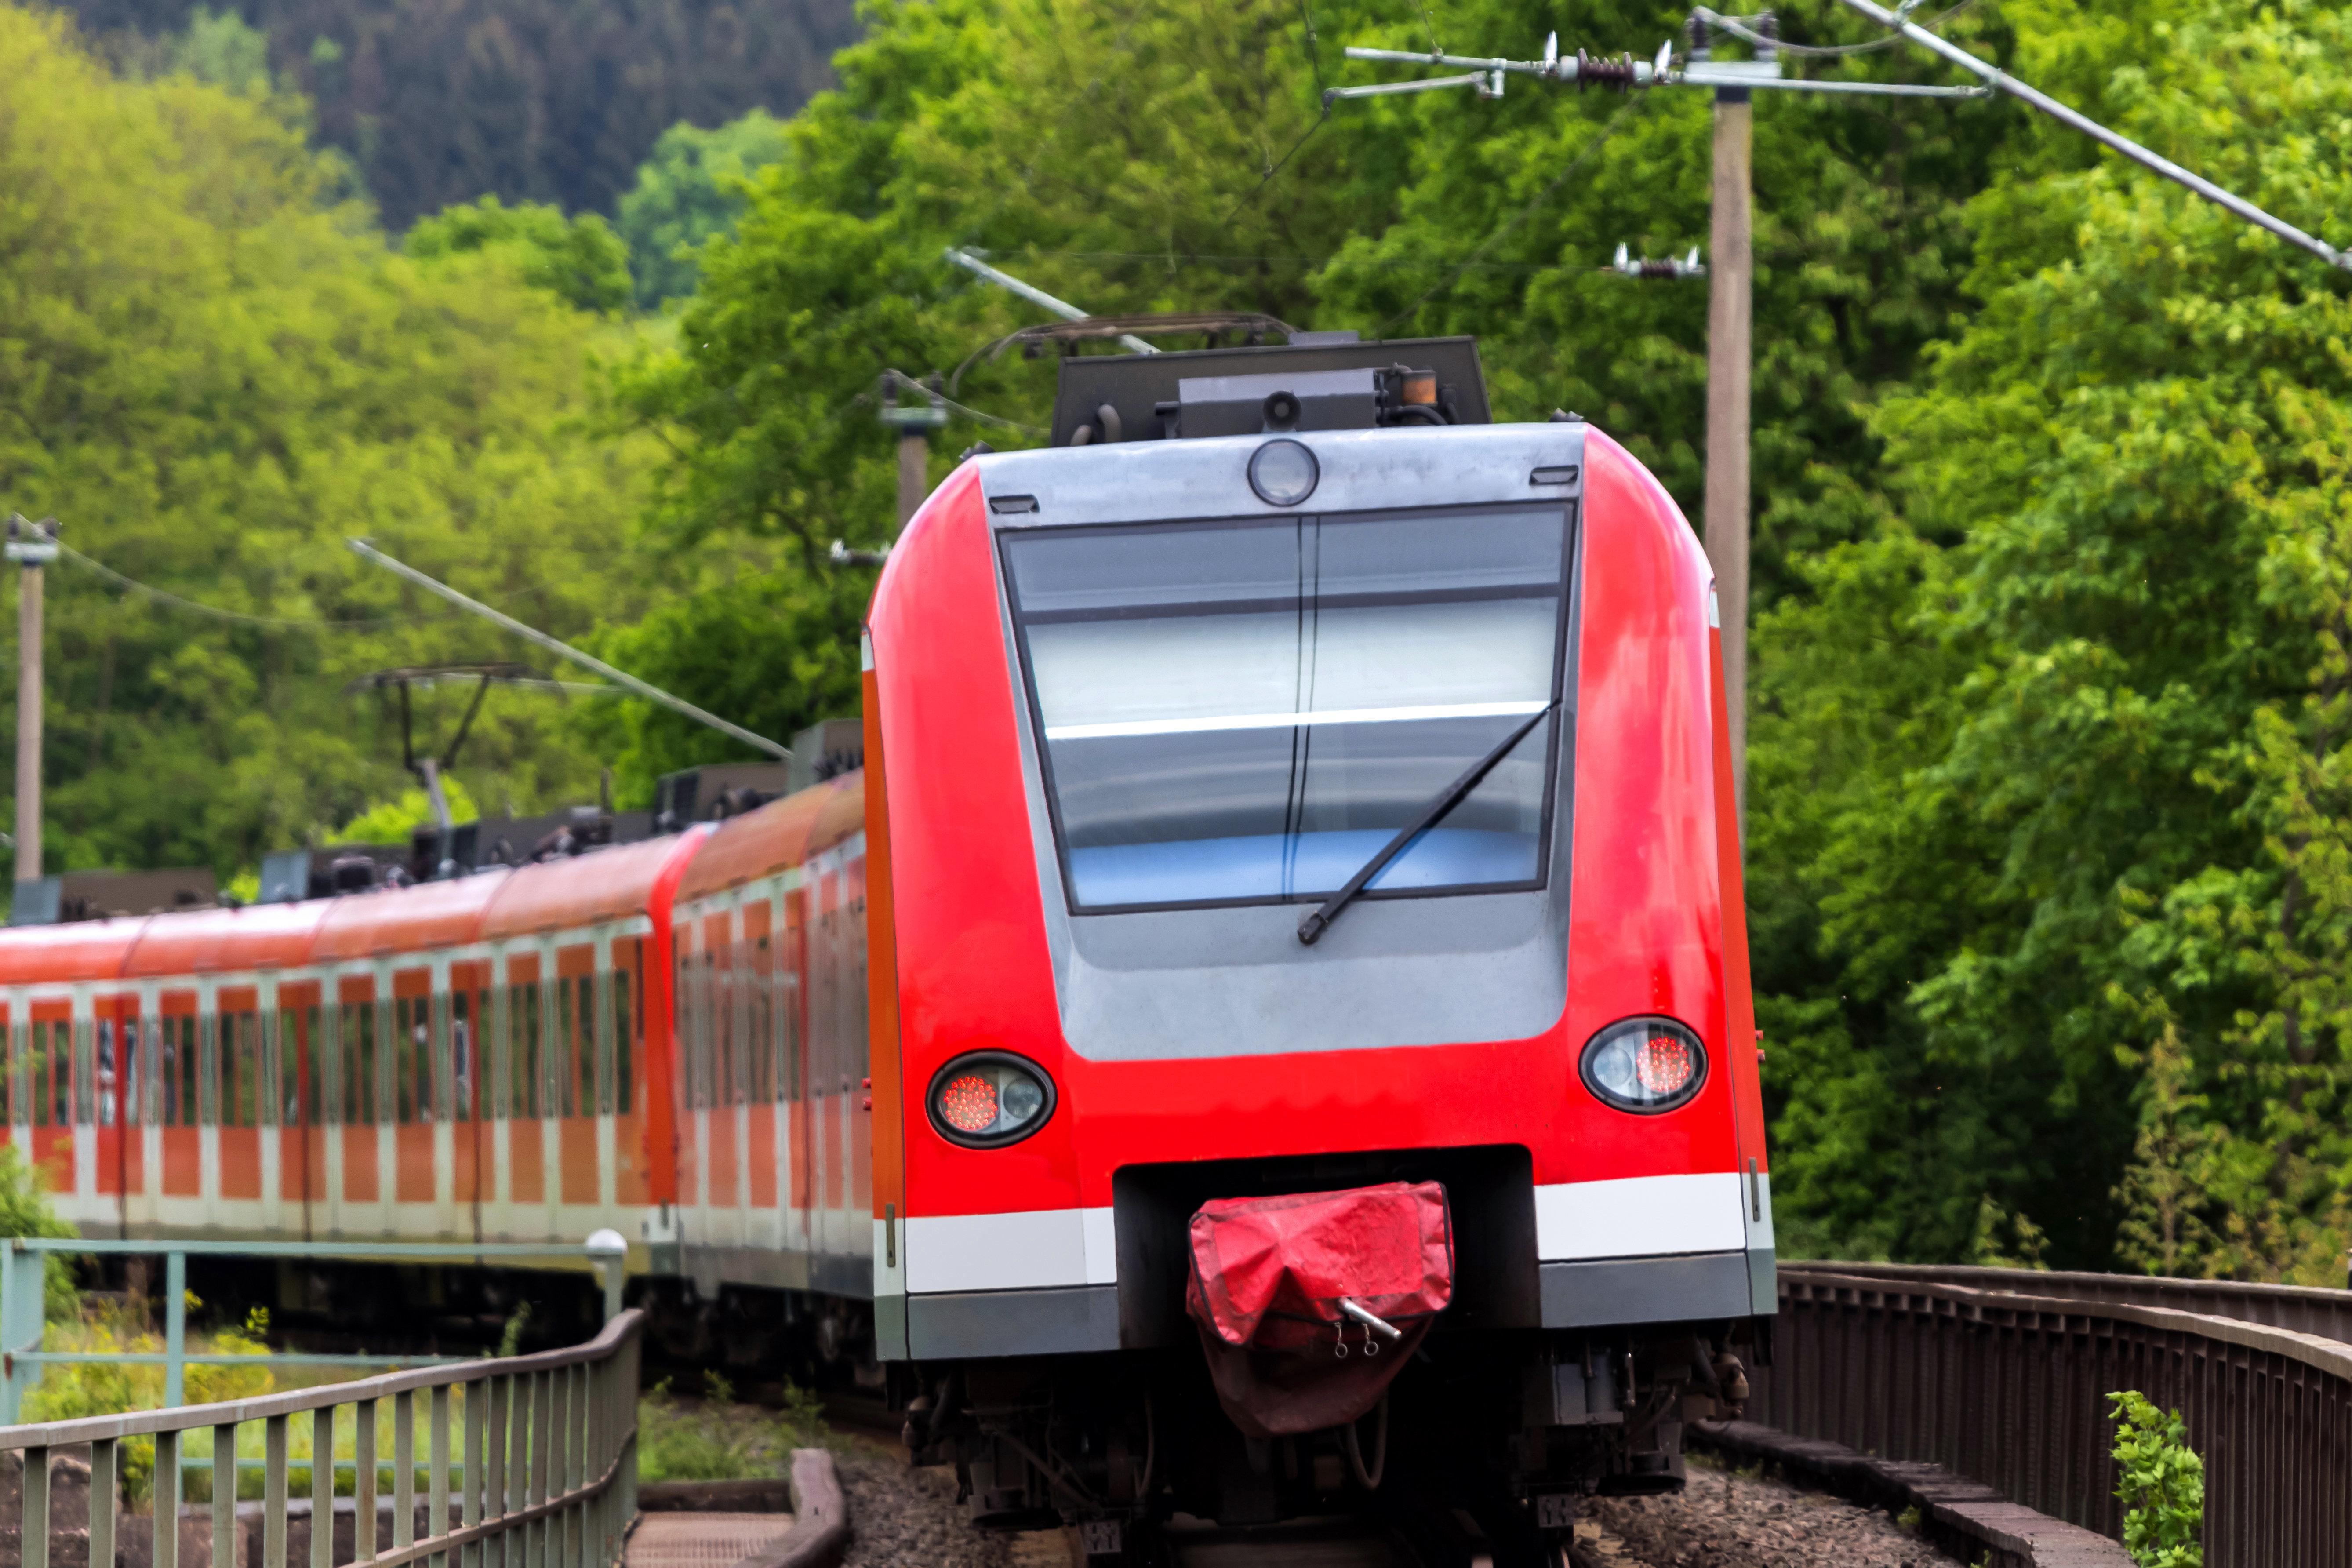 Berlin: NPD-Bürgerwehr patrouilliert in S-Bahn – Polizei ermittelt